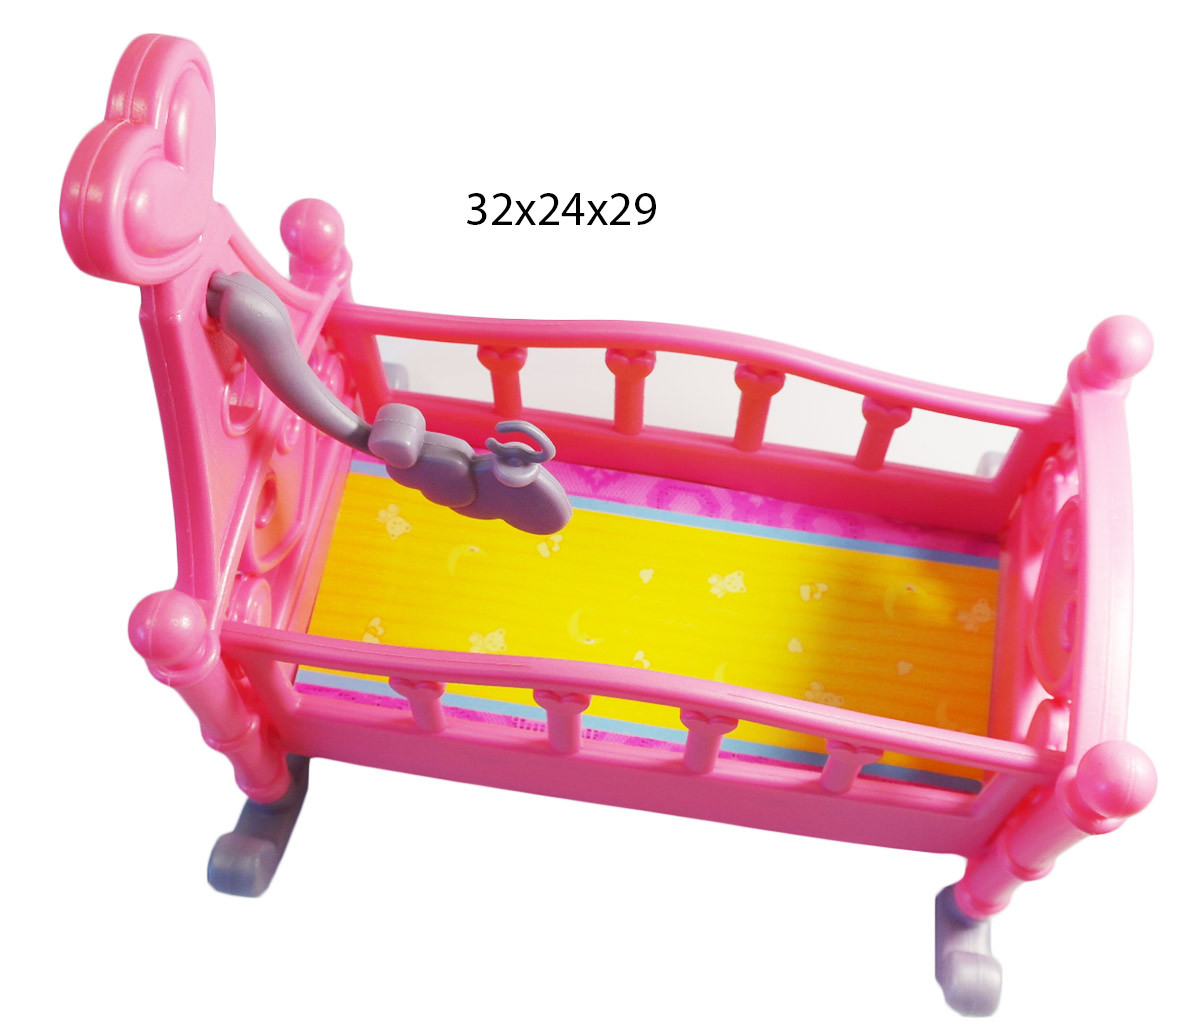 Кроватка 60553P (1015181)  люлька, в пак. 32*24*29см